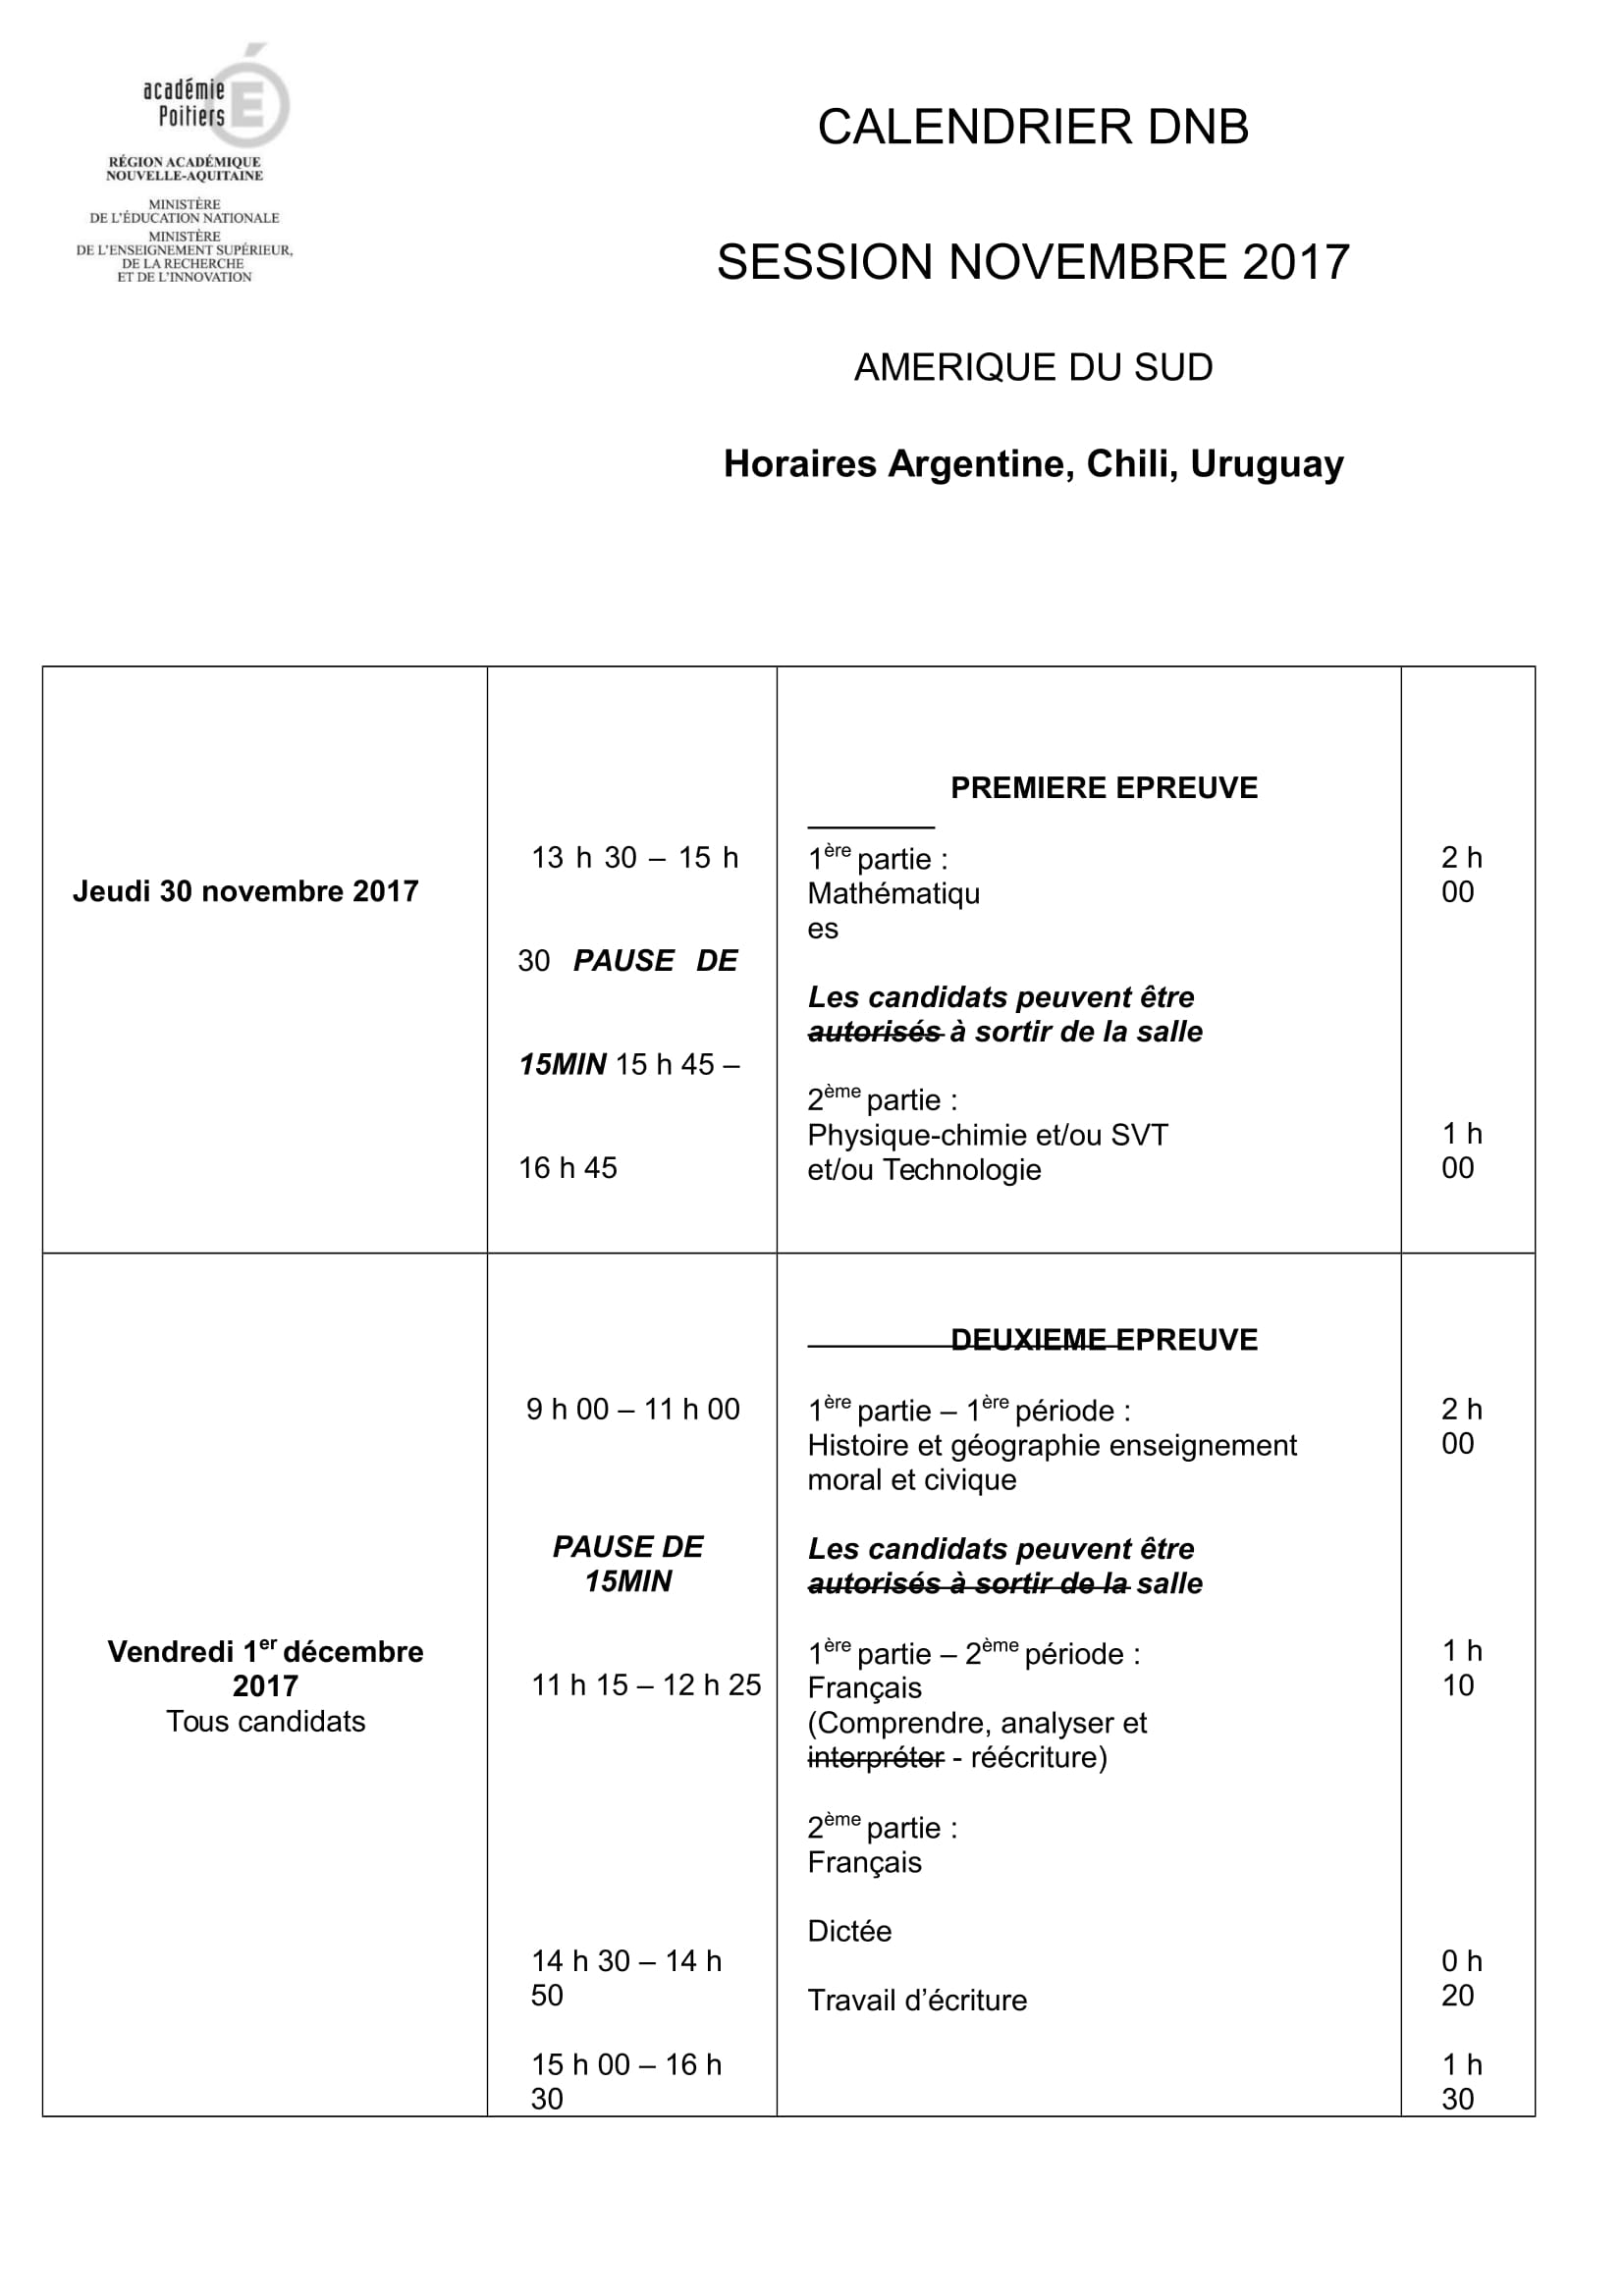 DNB 2017 - CALENDRIER DES ÉPREUVES